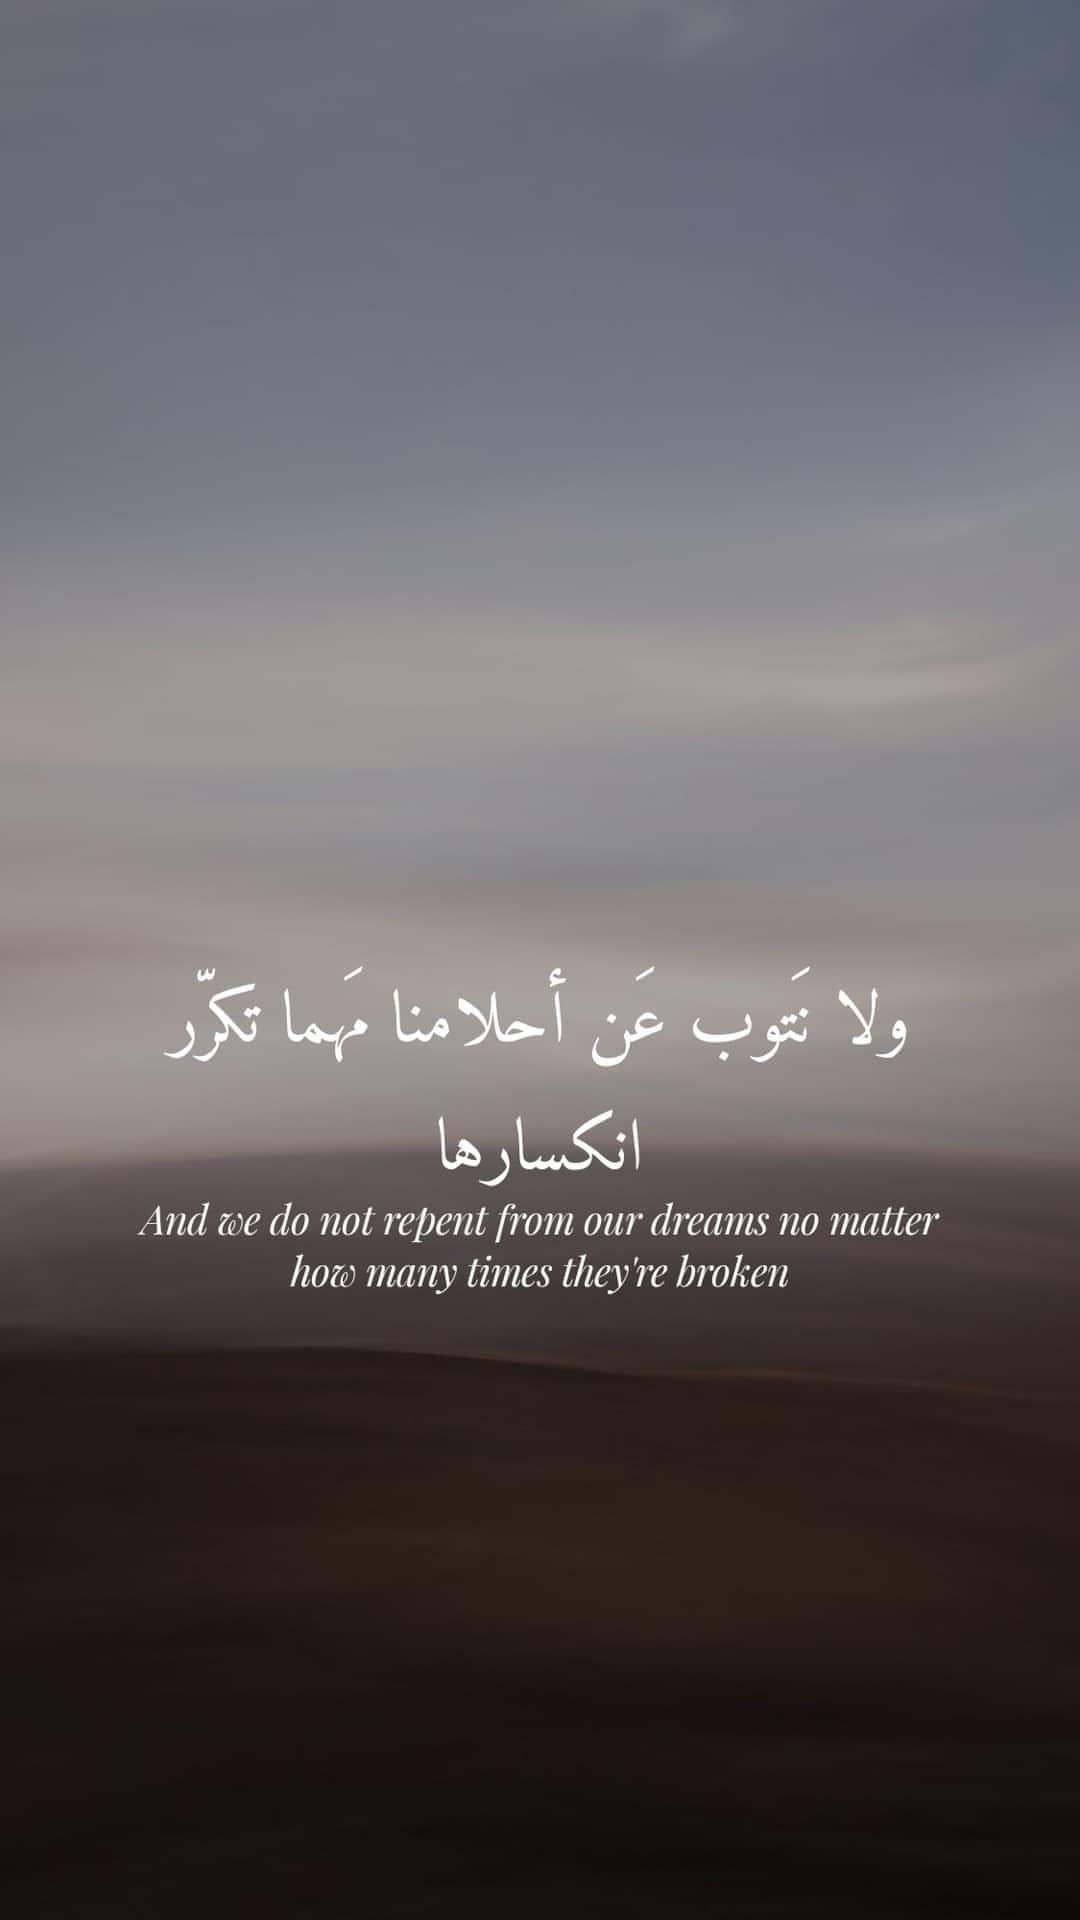 د ر ويش ي ات Instagram Stories Darwishism Tumblr Beautiful Quran Quotes Love Quotes For Wife Good Life Quotes